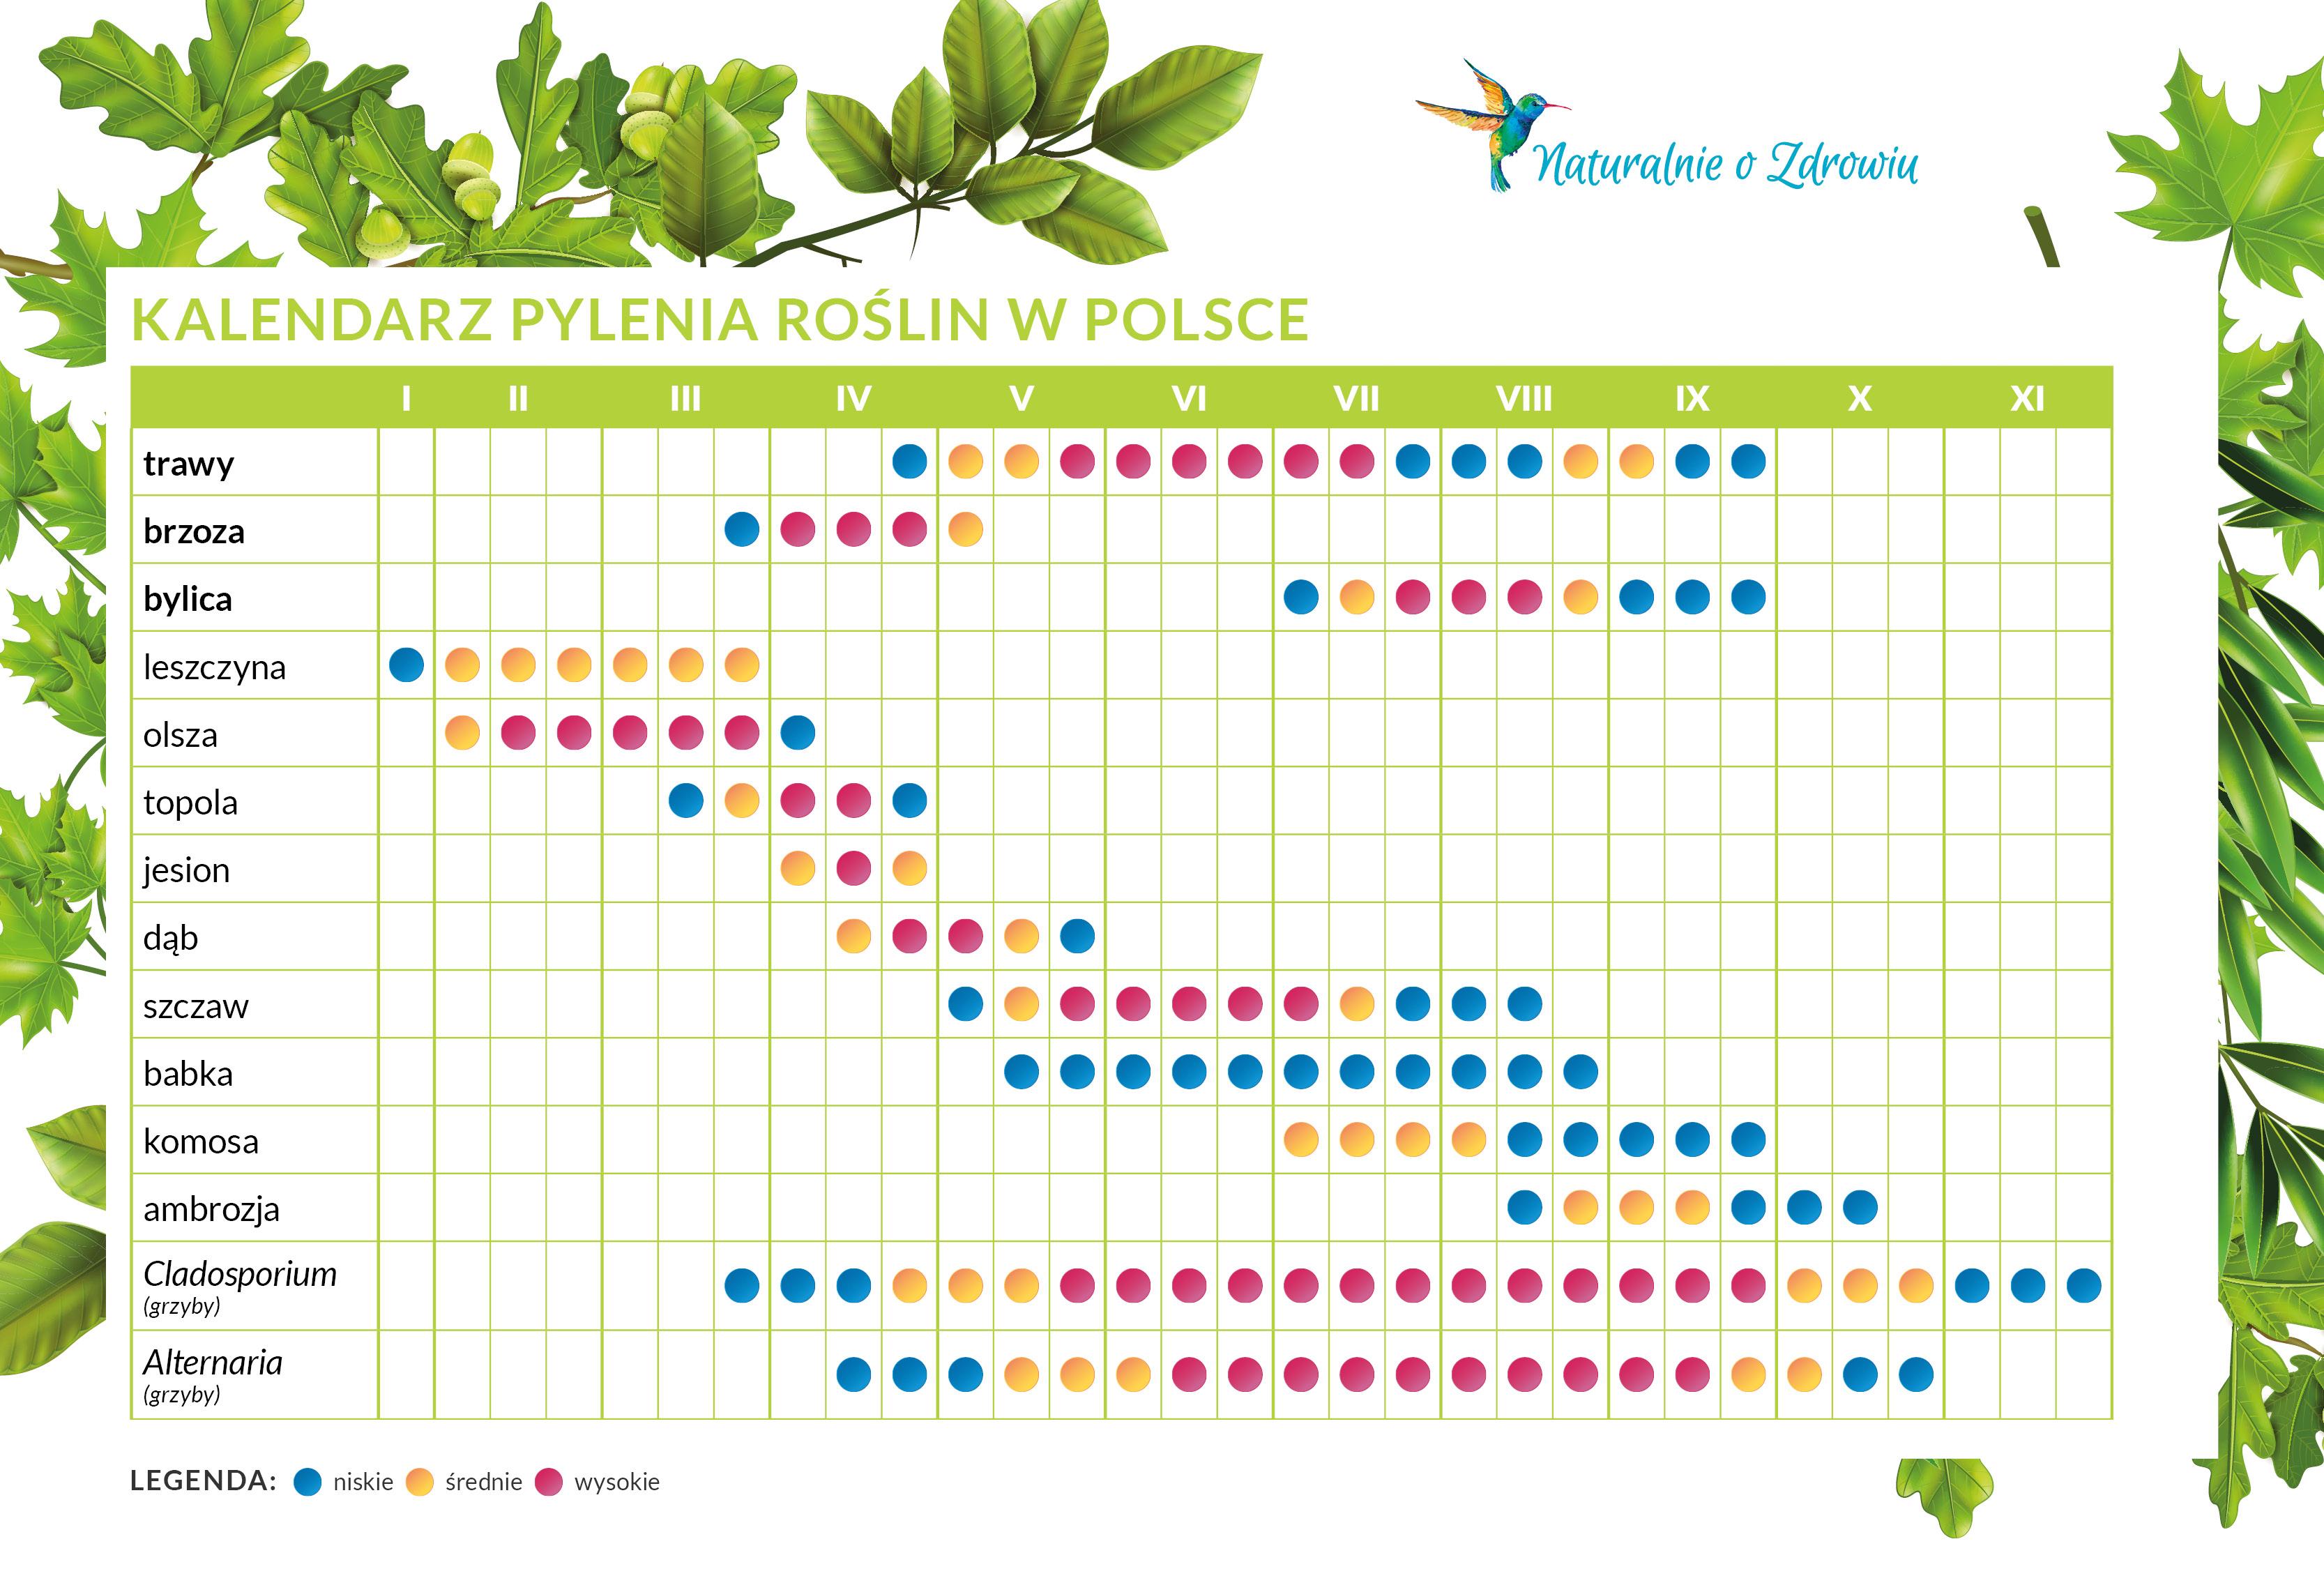 Kalendarz pylenia roślin w Polsce   Alergie u dzieci i dorosłych   Naturalnie o zdrowiu